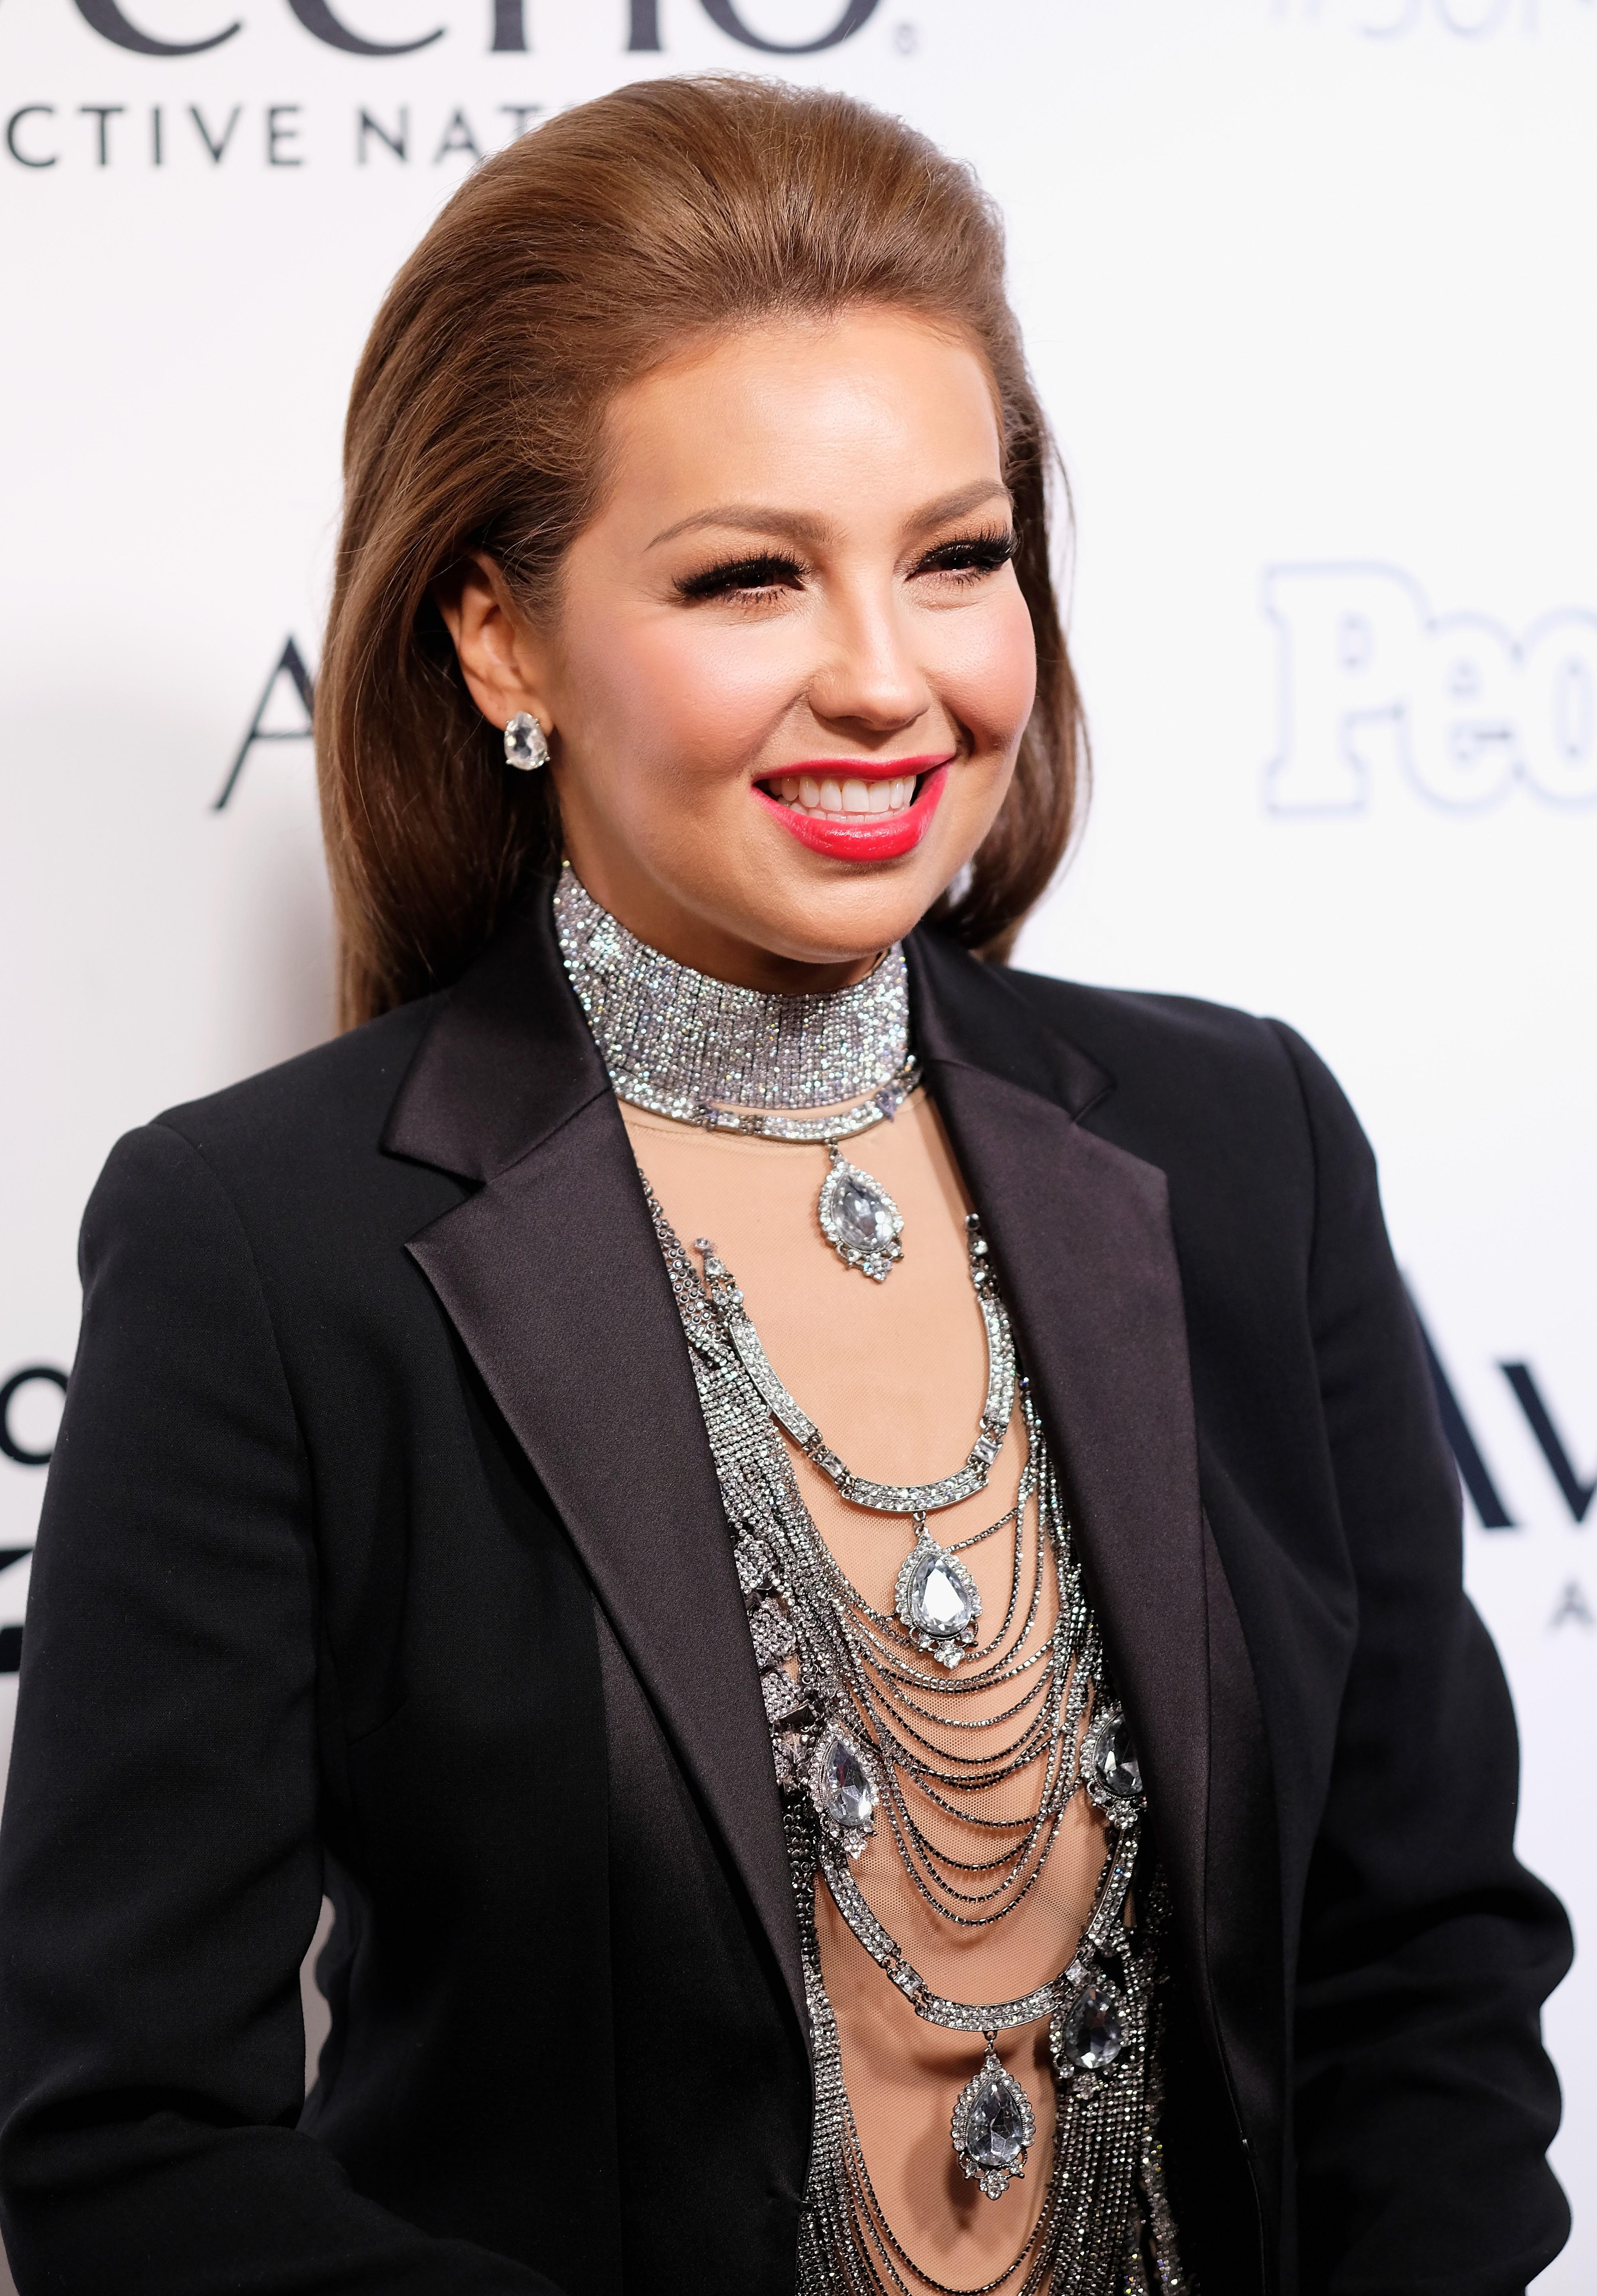 Cantora mexicana Thalia quer virar série de TV (Foto: Getty Images)